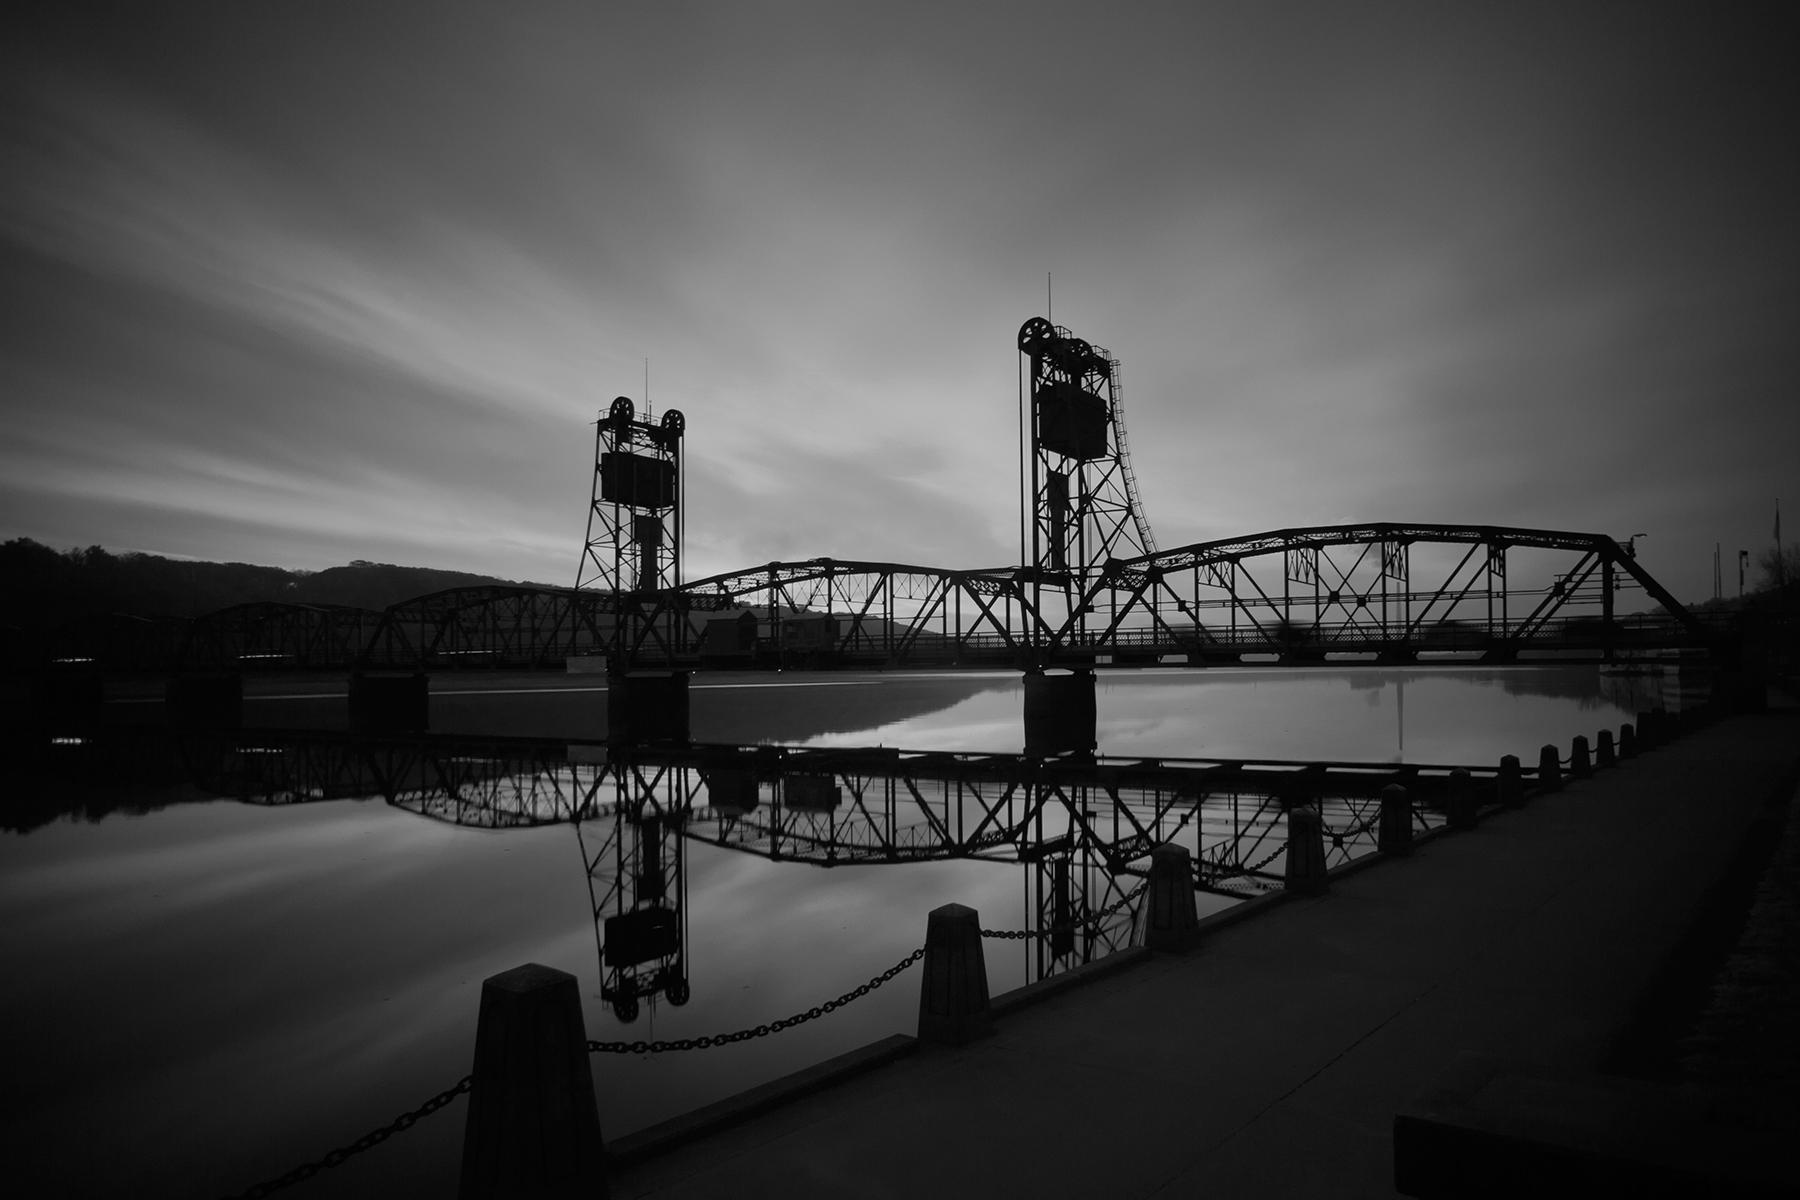 Stillwater bridge_infrared_1.jpg